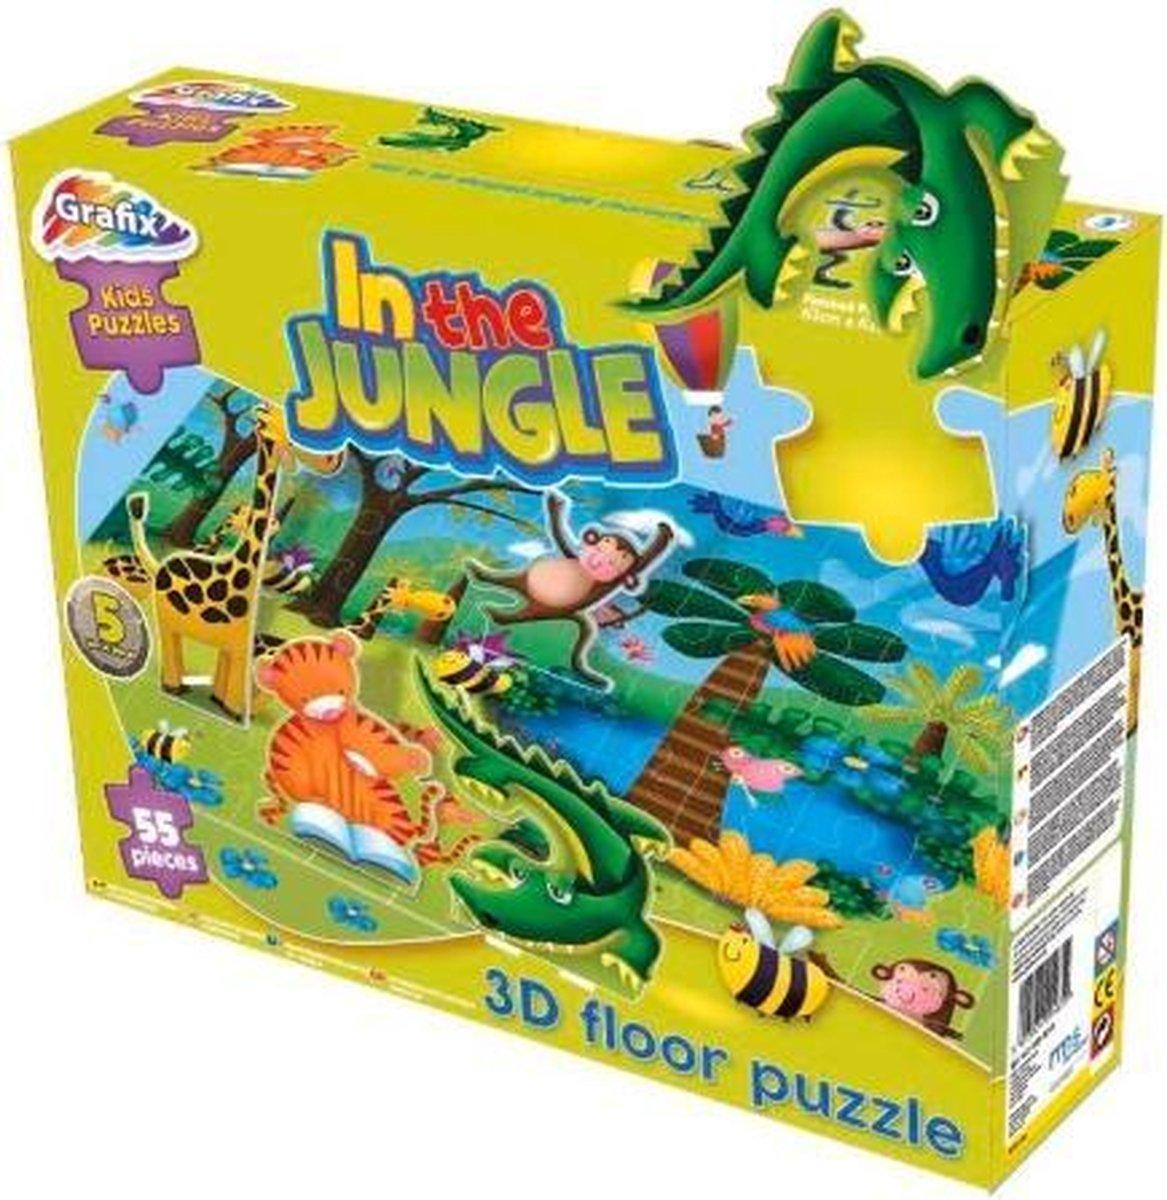 Vloerpuzzel - Jungle - 3D puzzel - 55 stukjes - Puzzel - Kinderen